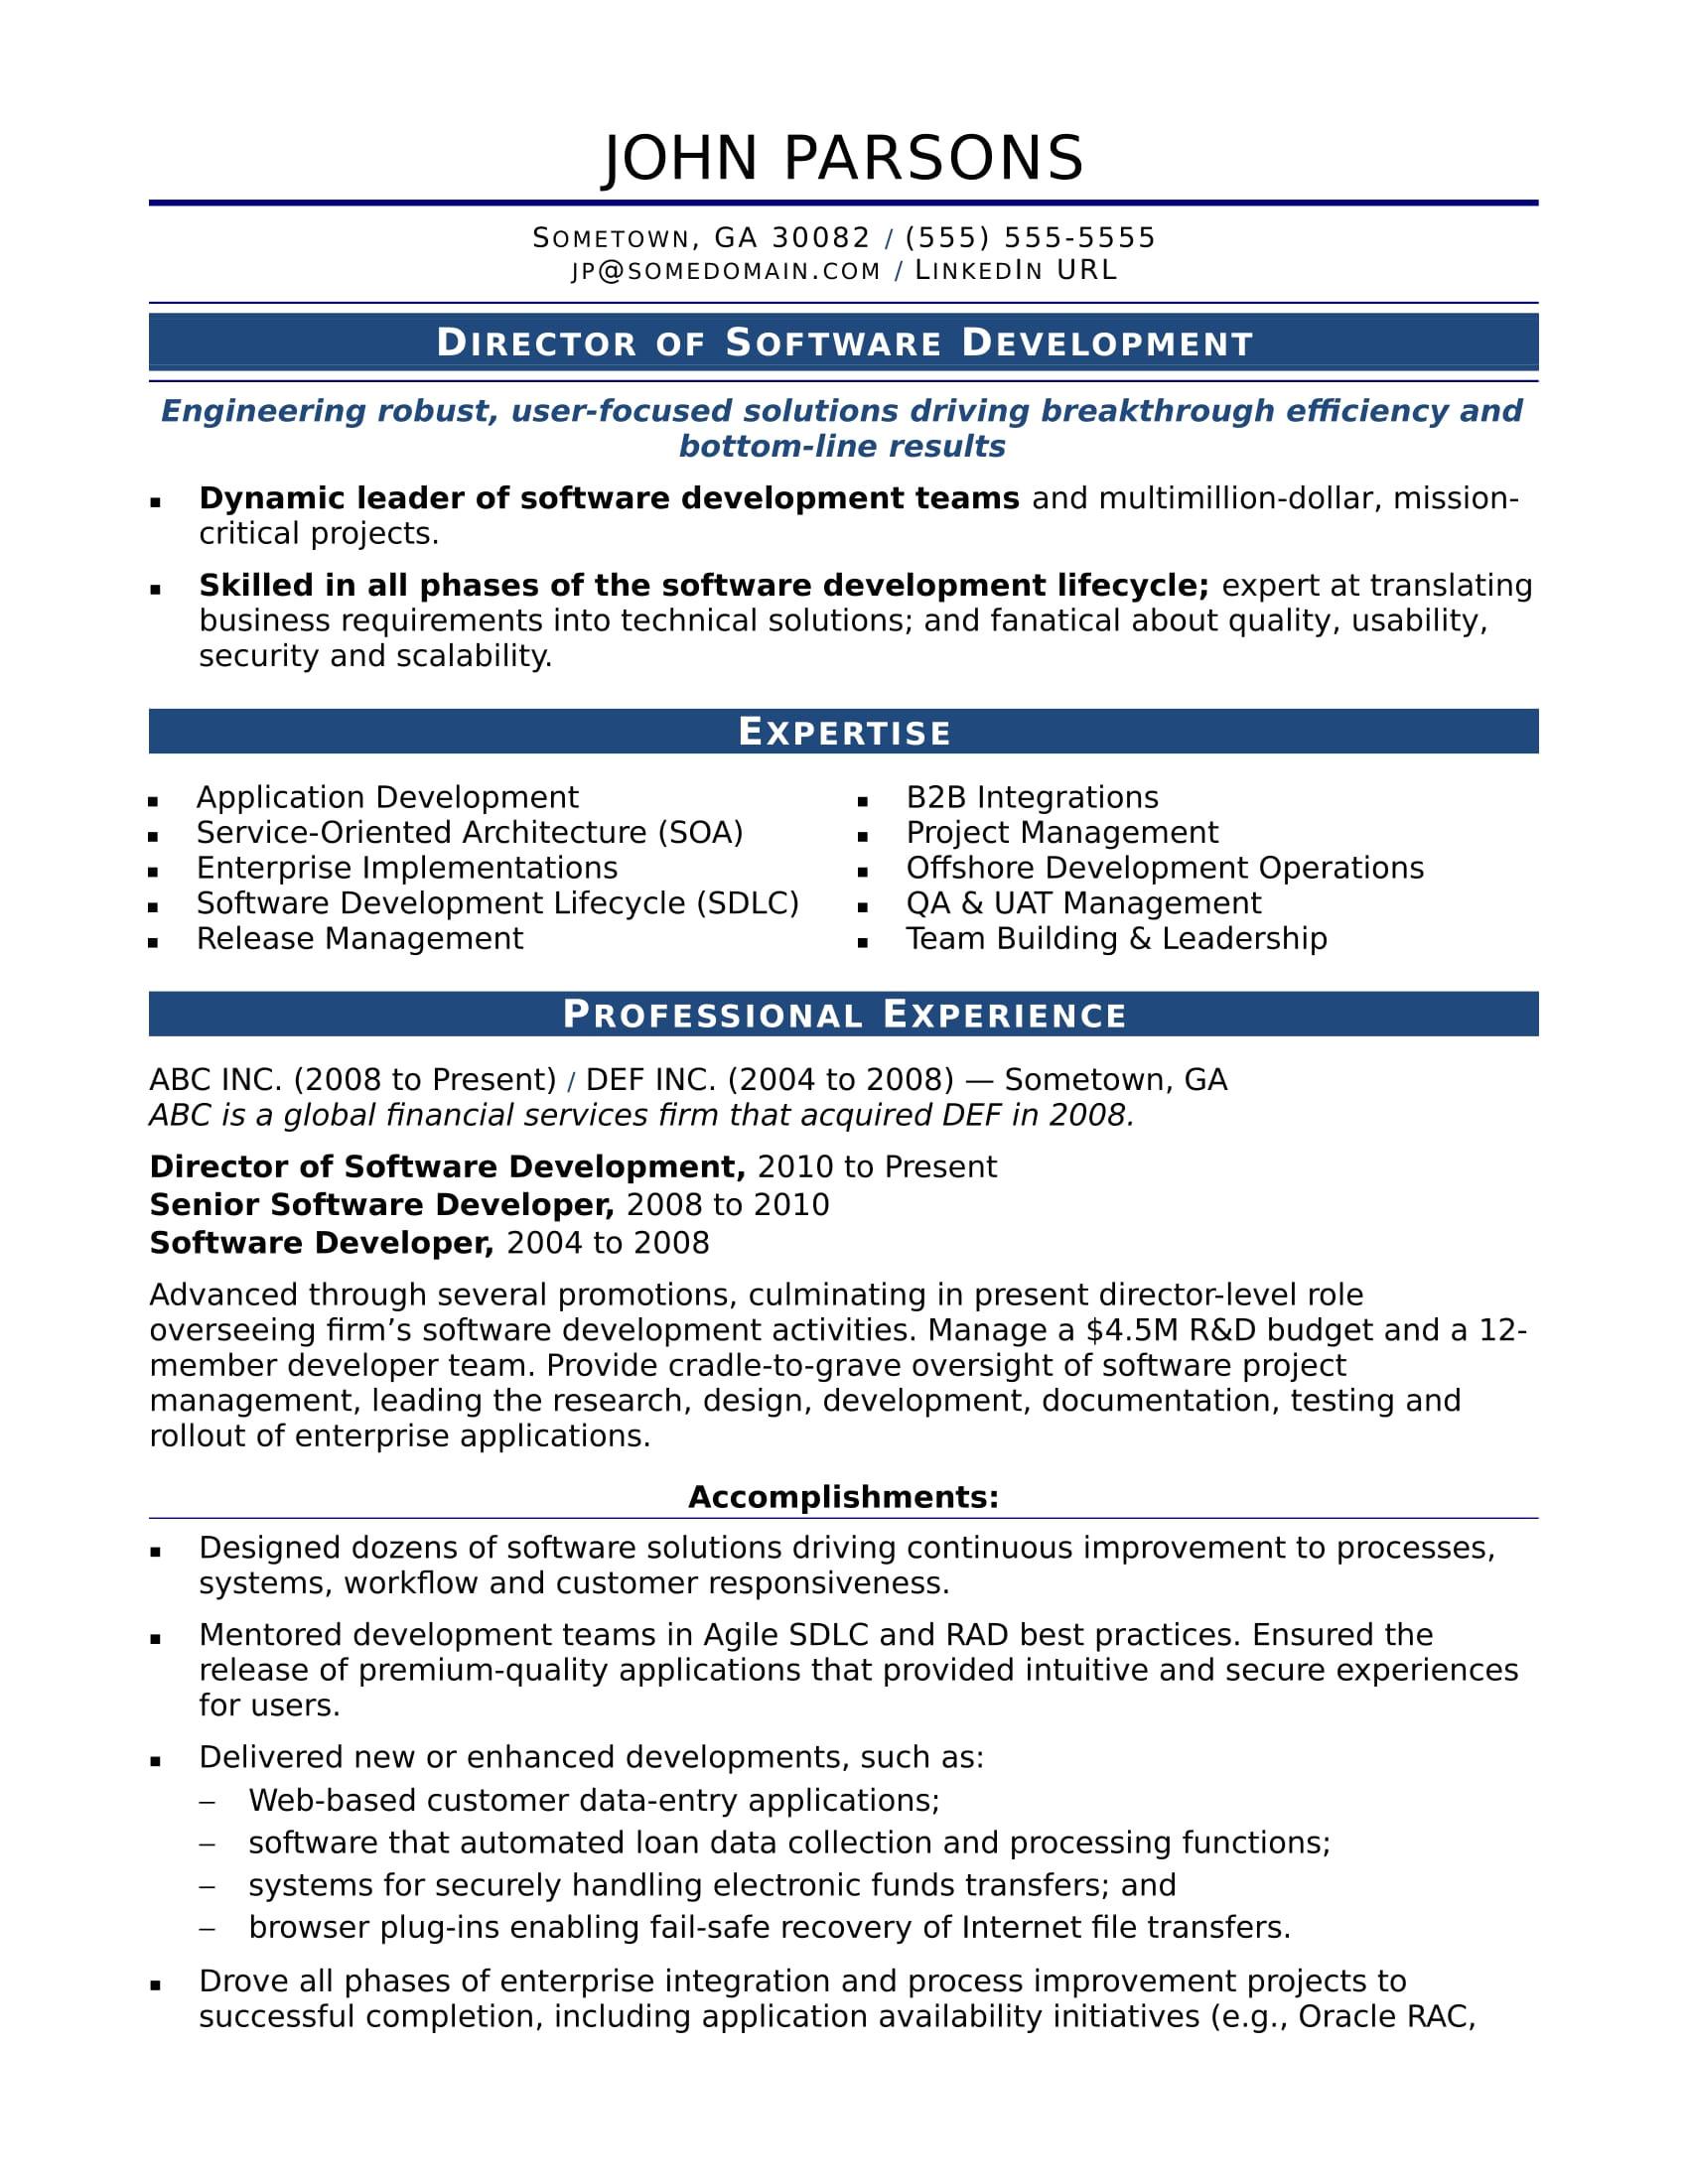 Sample Resume for Experienced software Engineer Free Download Sample Resume for An Experienced It Developer Monster Com